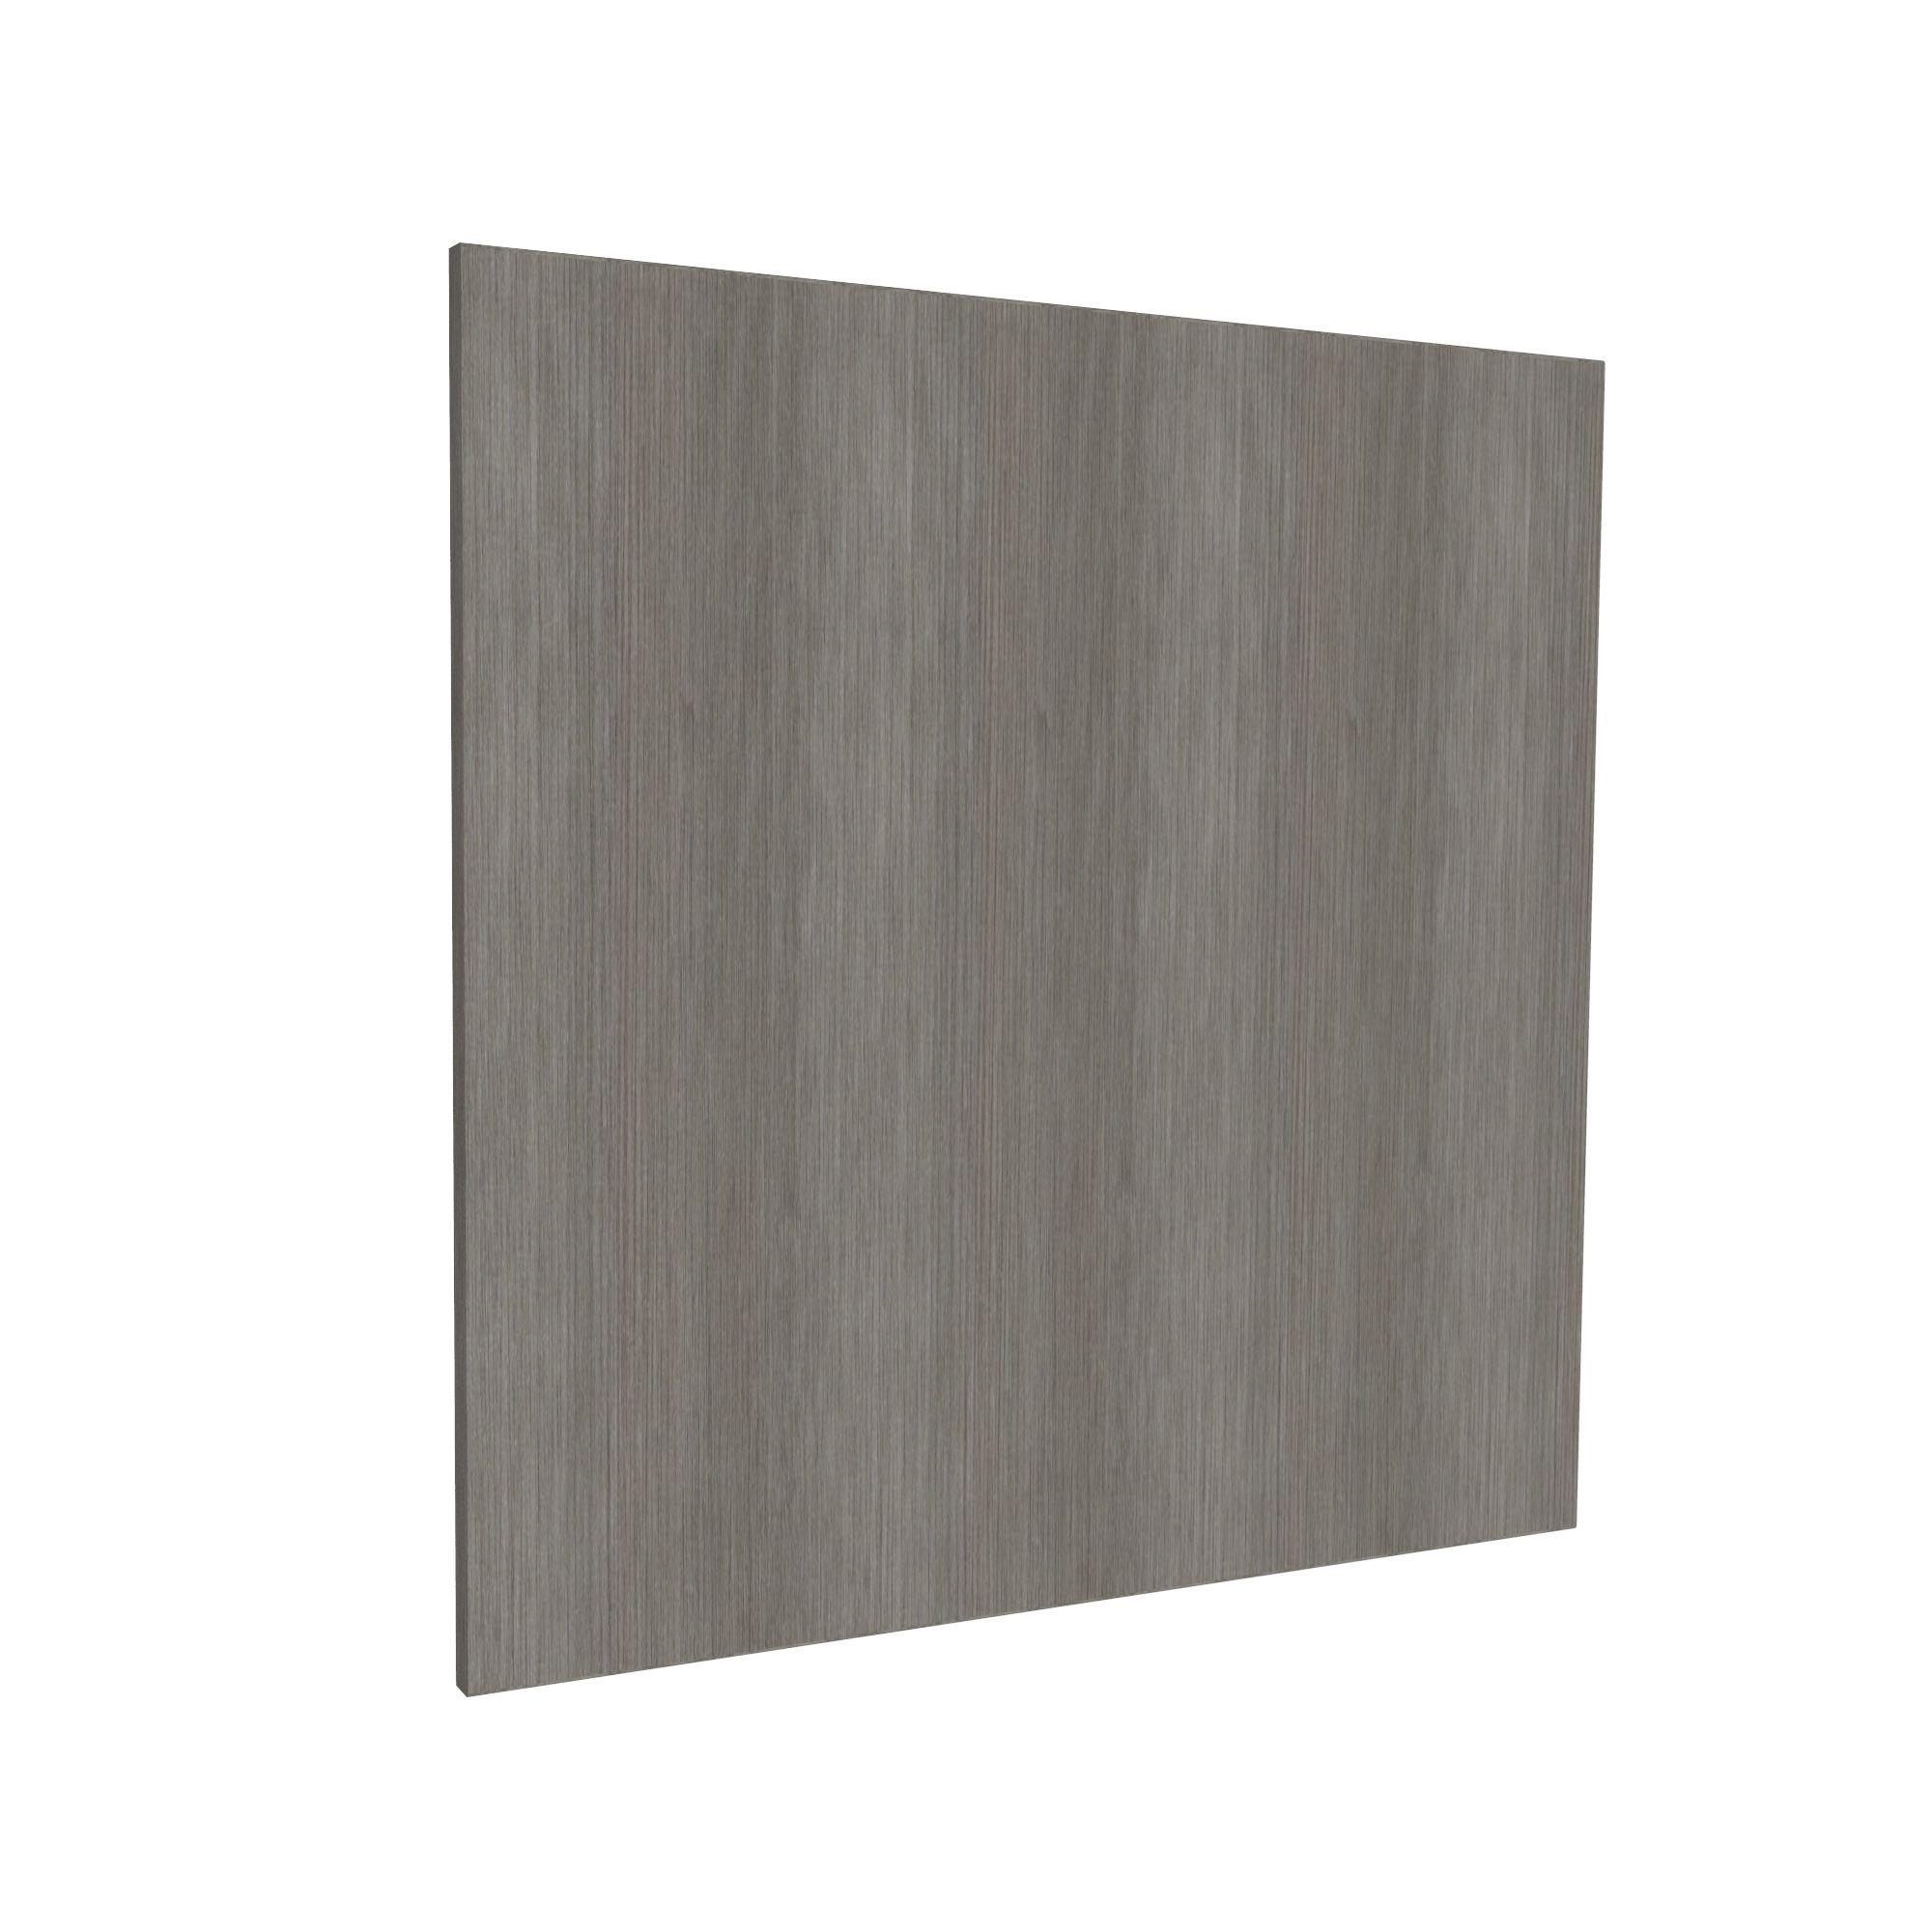 Darwin Modular Oak Effect Bedside Cabinet Door (h)478mm (w)497mm (d)16mm